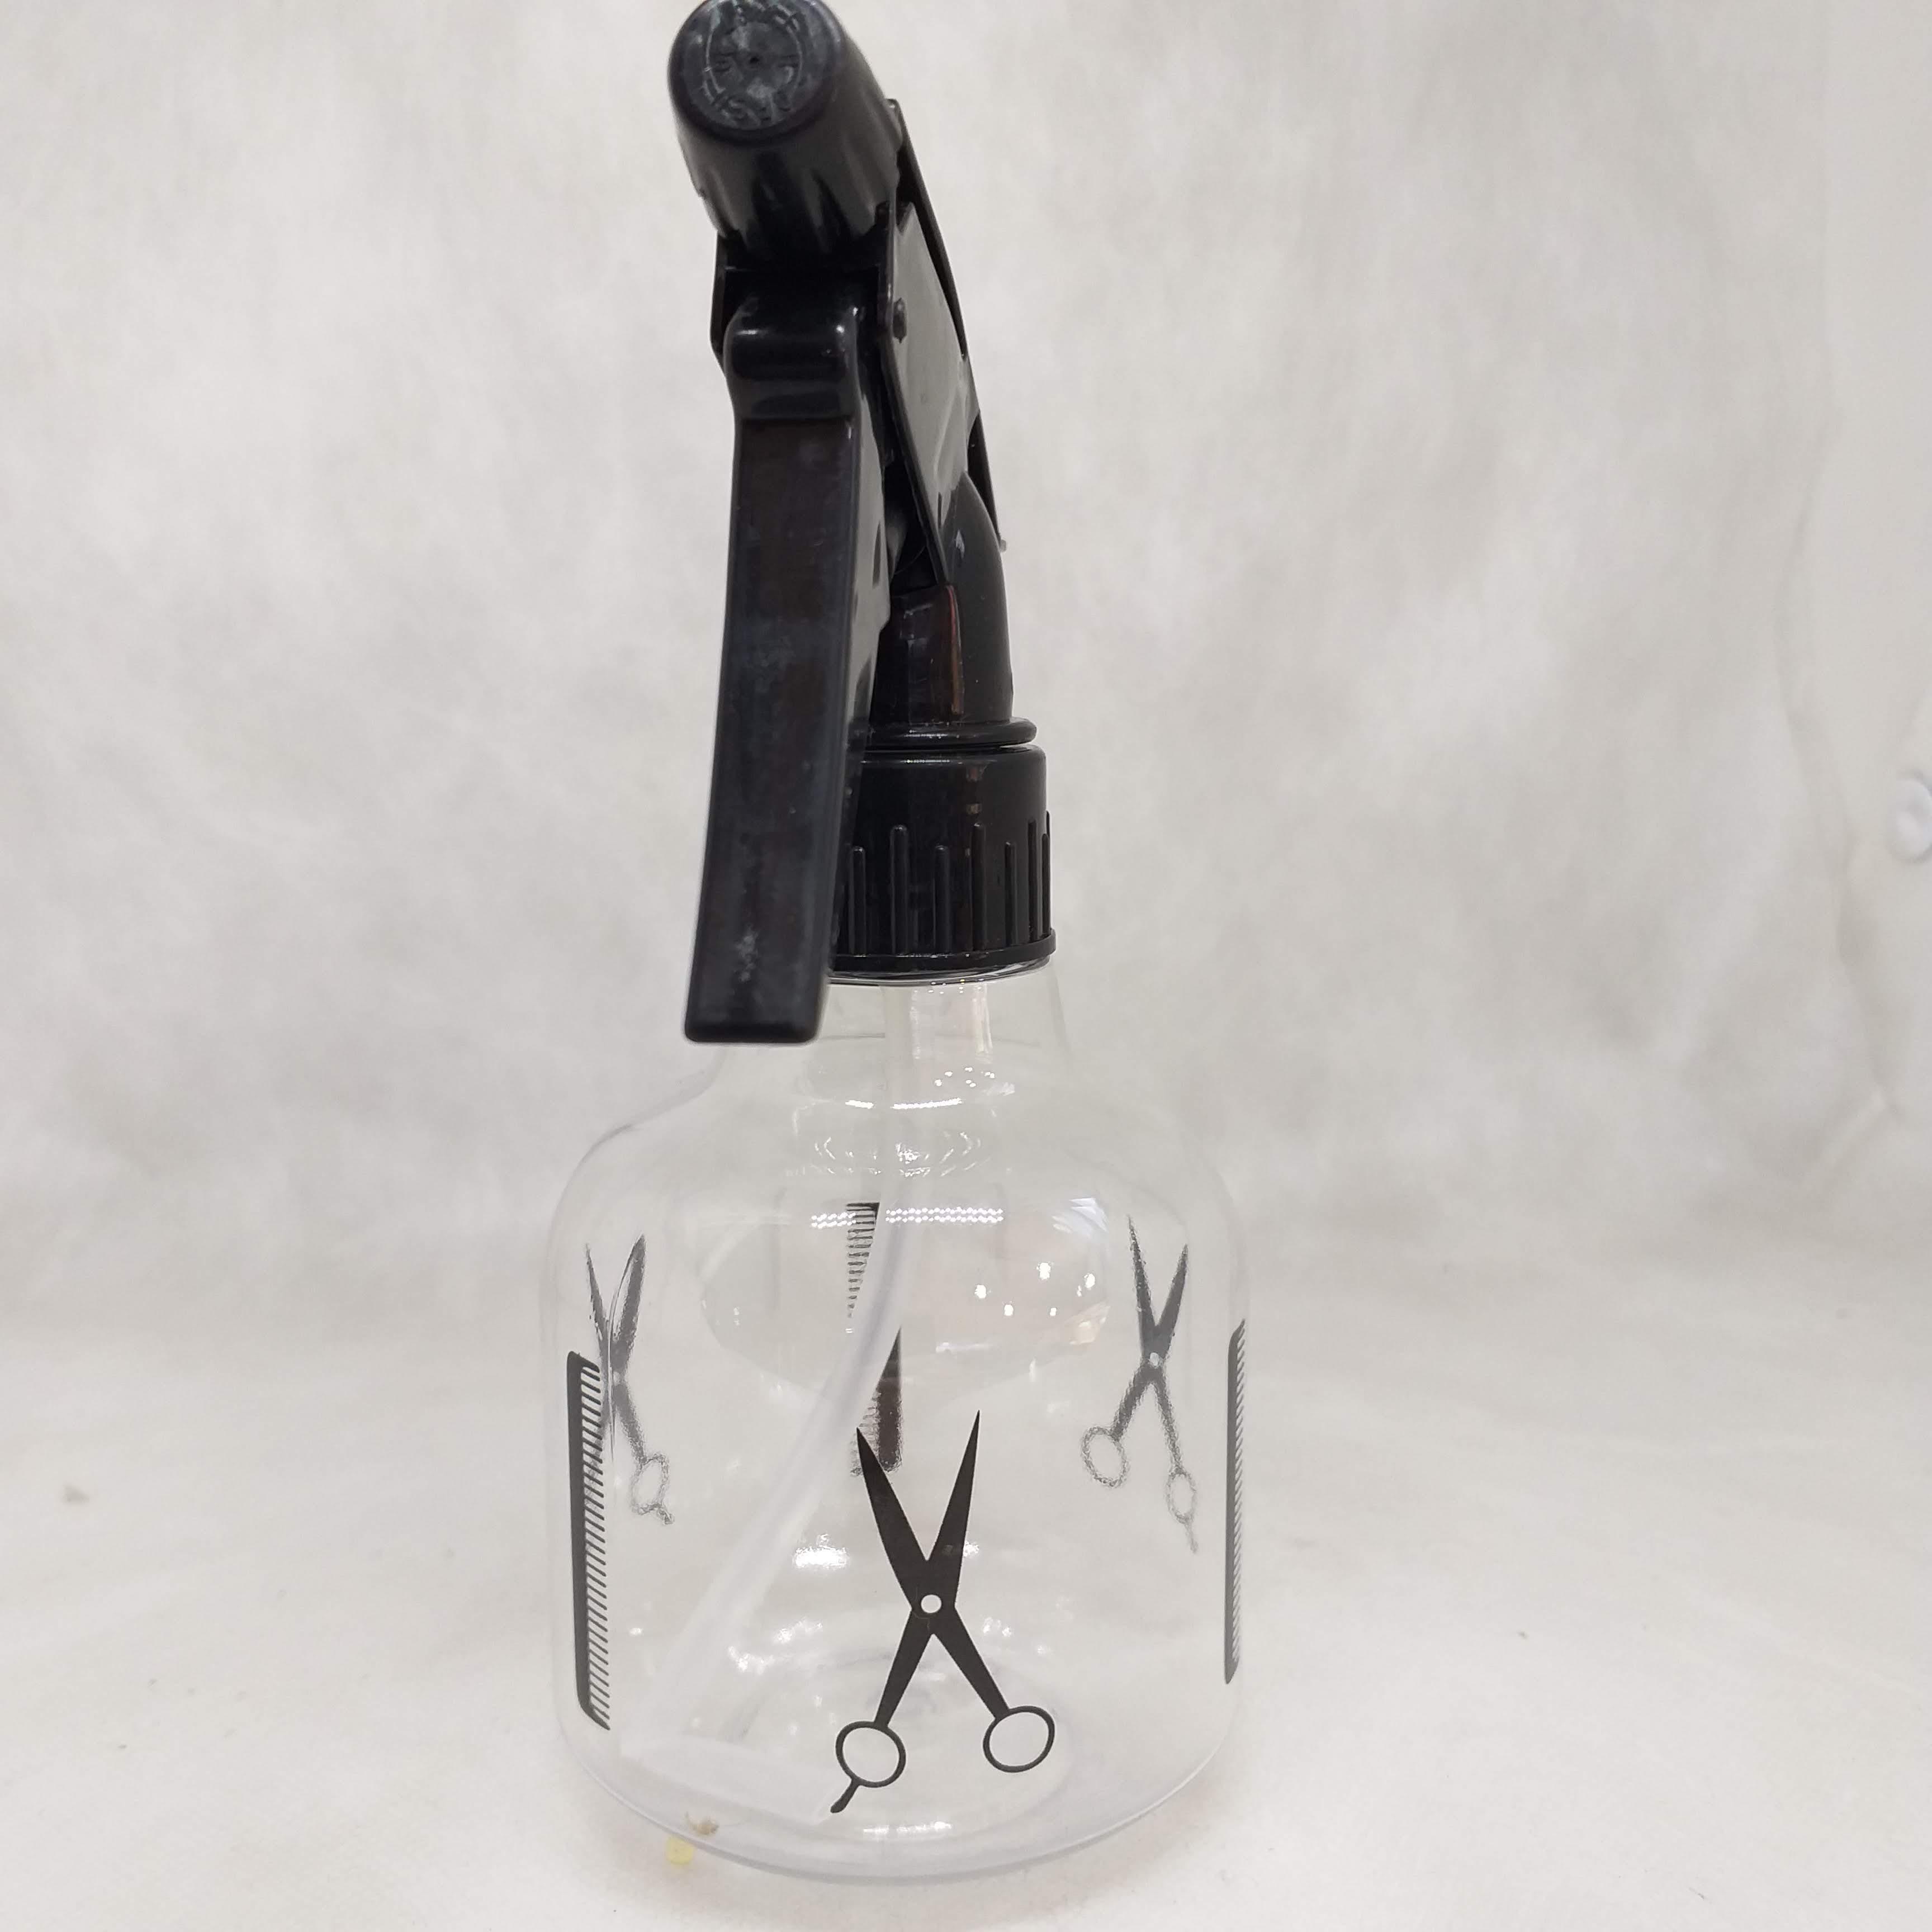 Bình xịt nước tóc mẫu kéo 200ml giá rẻ